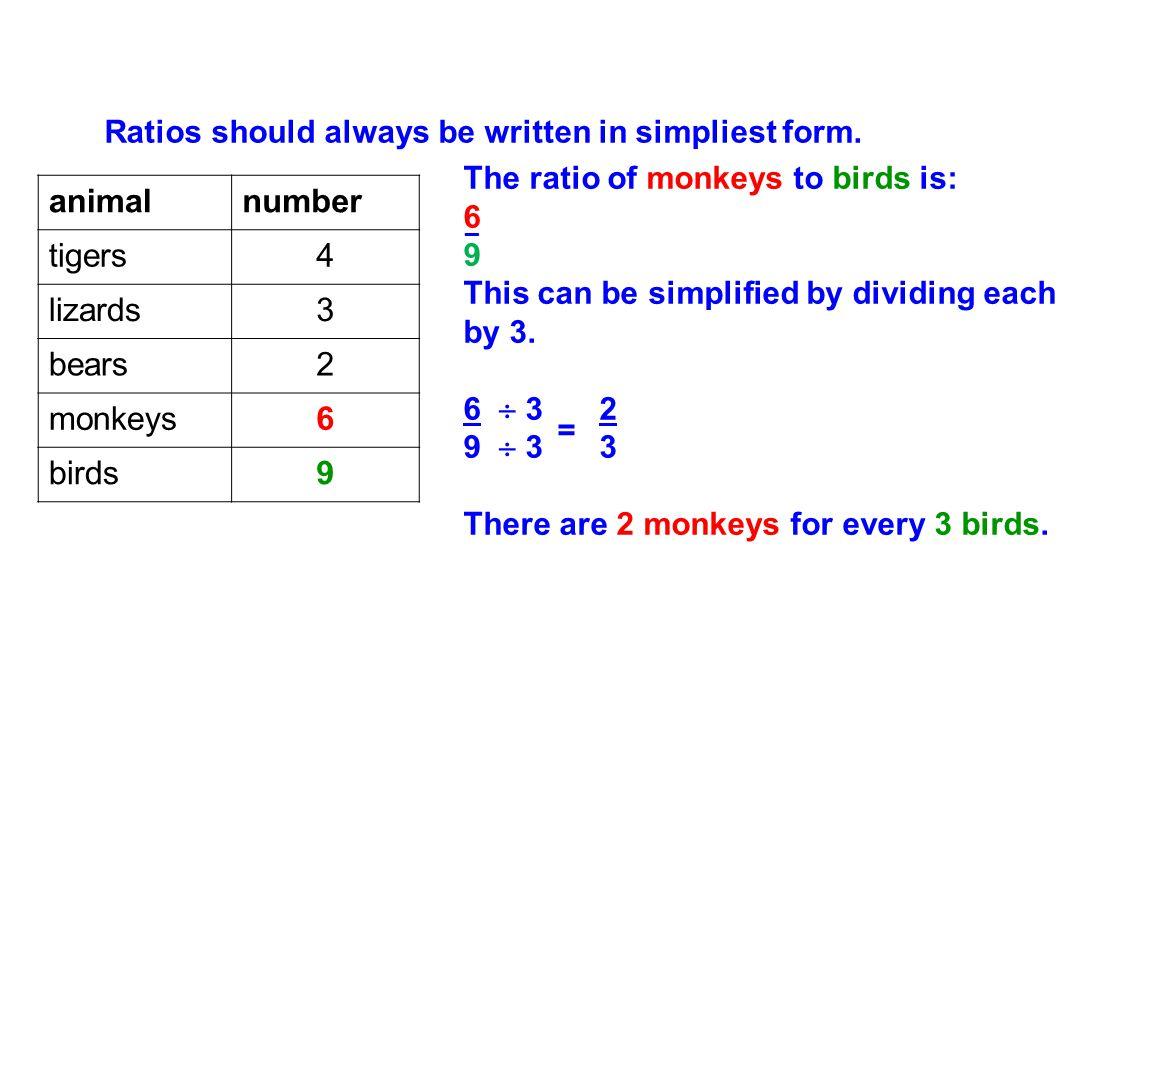 Ratios should always be written in simpliest form.